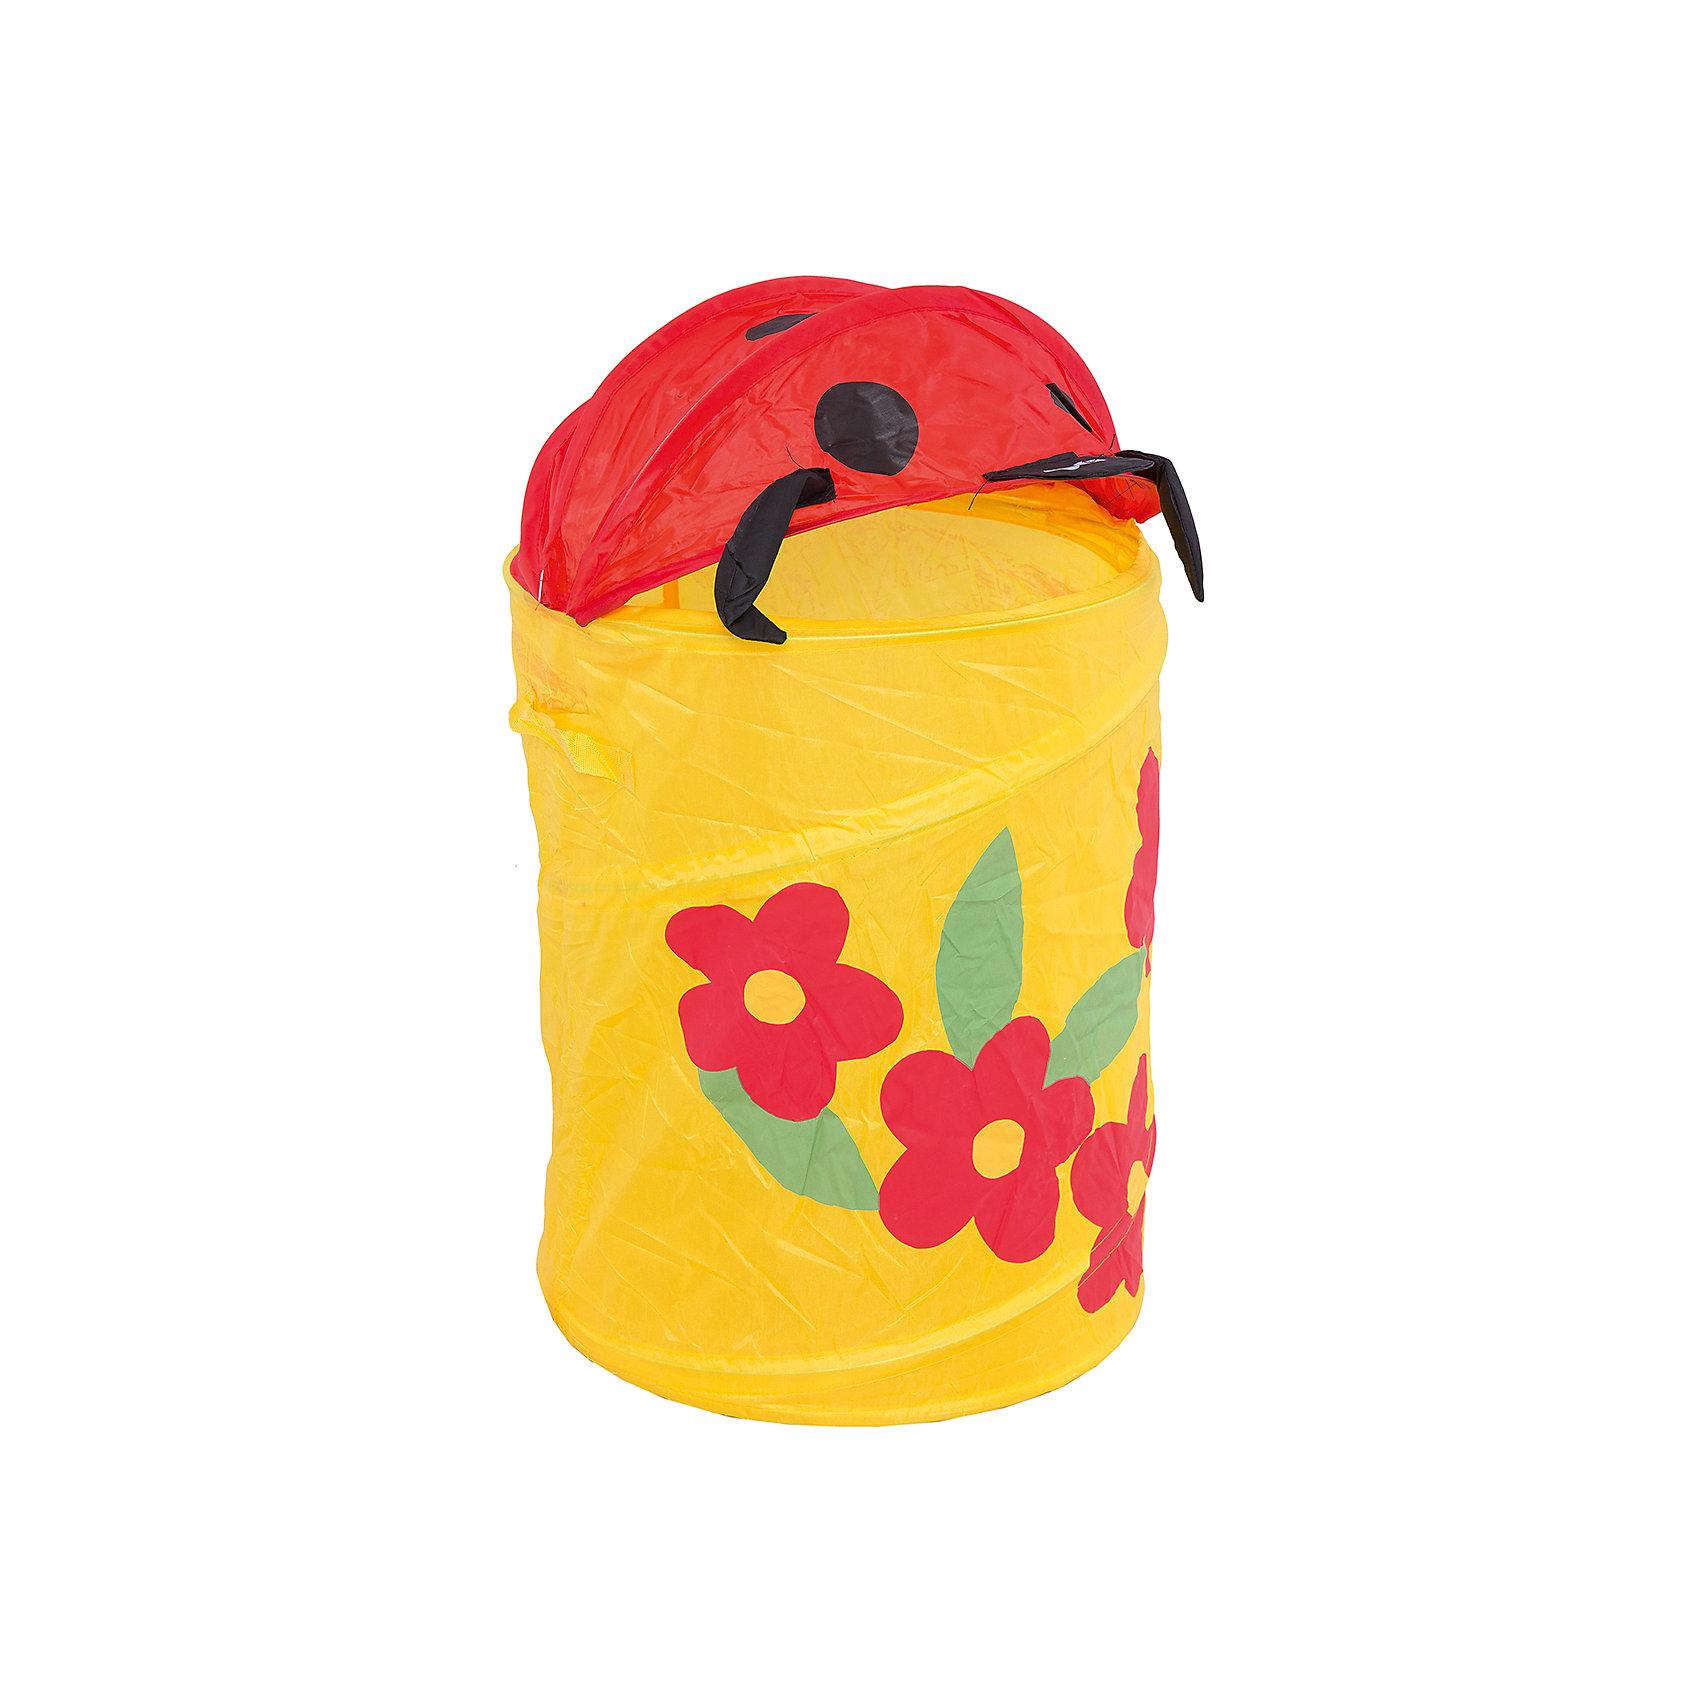 - Корзина для игрушек Божья коровка, c цветочками корзины для игрушек lilliputiens божья коровка лиза игрушка корзина